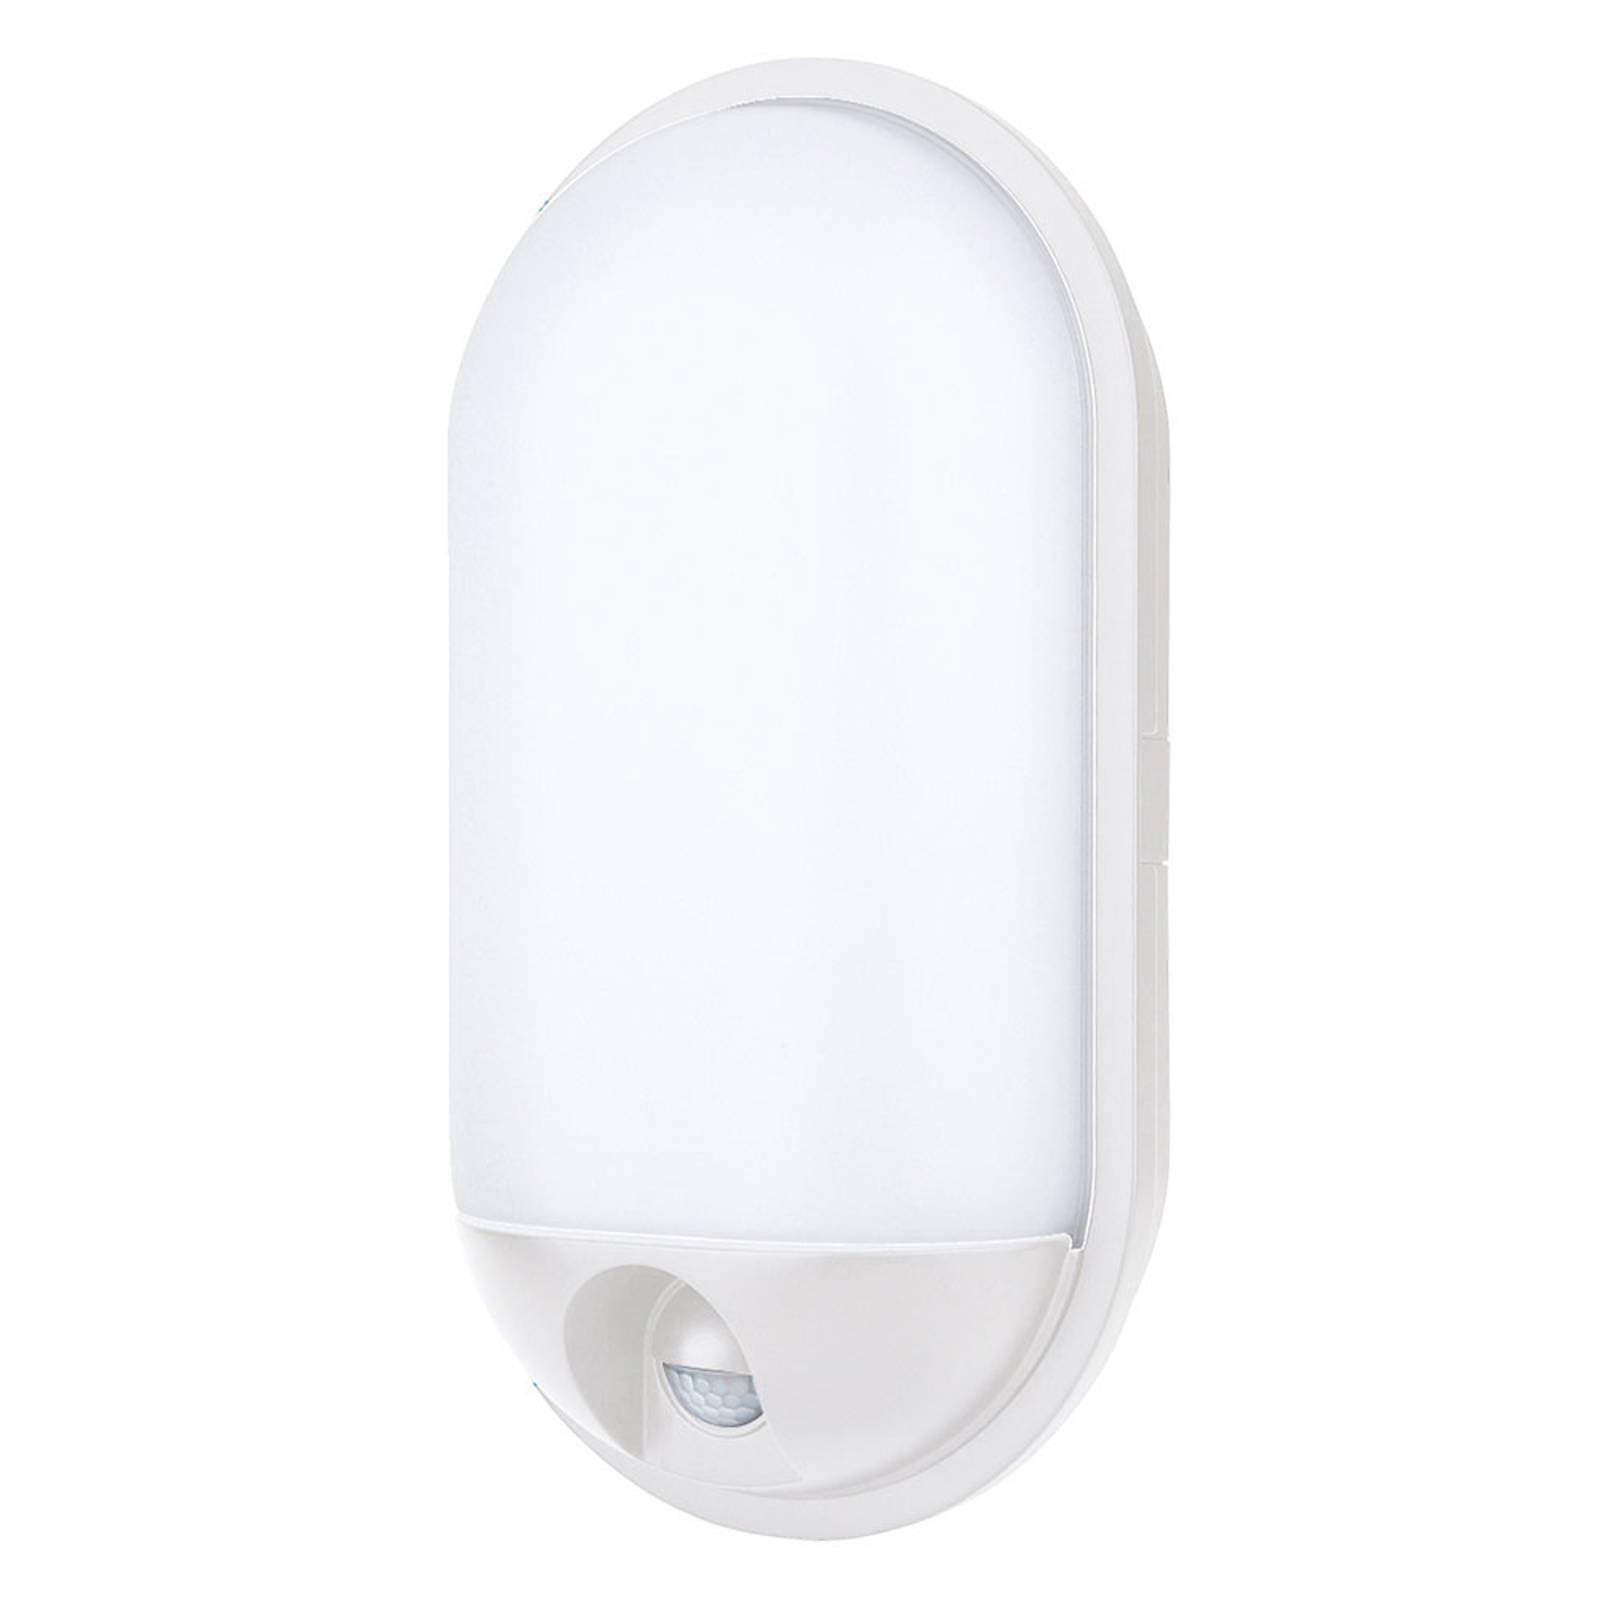 LED-Außenwandleuchte Schwabing XXLS, mit Sensor